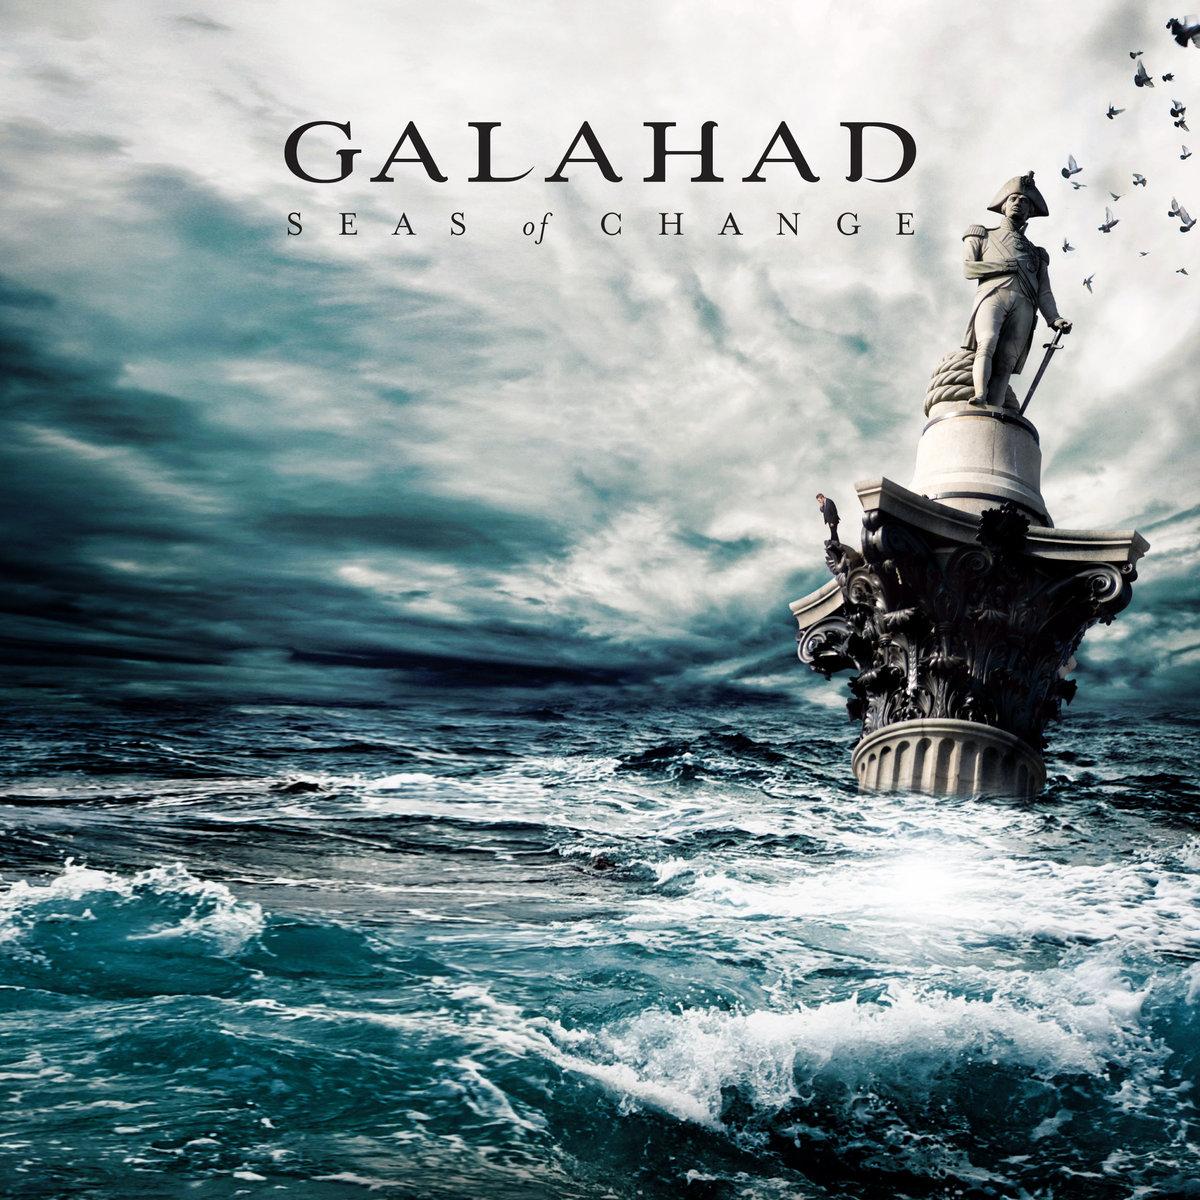 UDERZAJĄC PIĘŚCIĄ W STÓŁ, SEAS OF CHANGE, GALAHAD (2018)